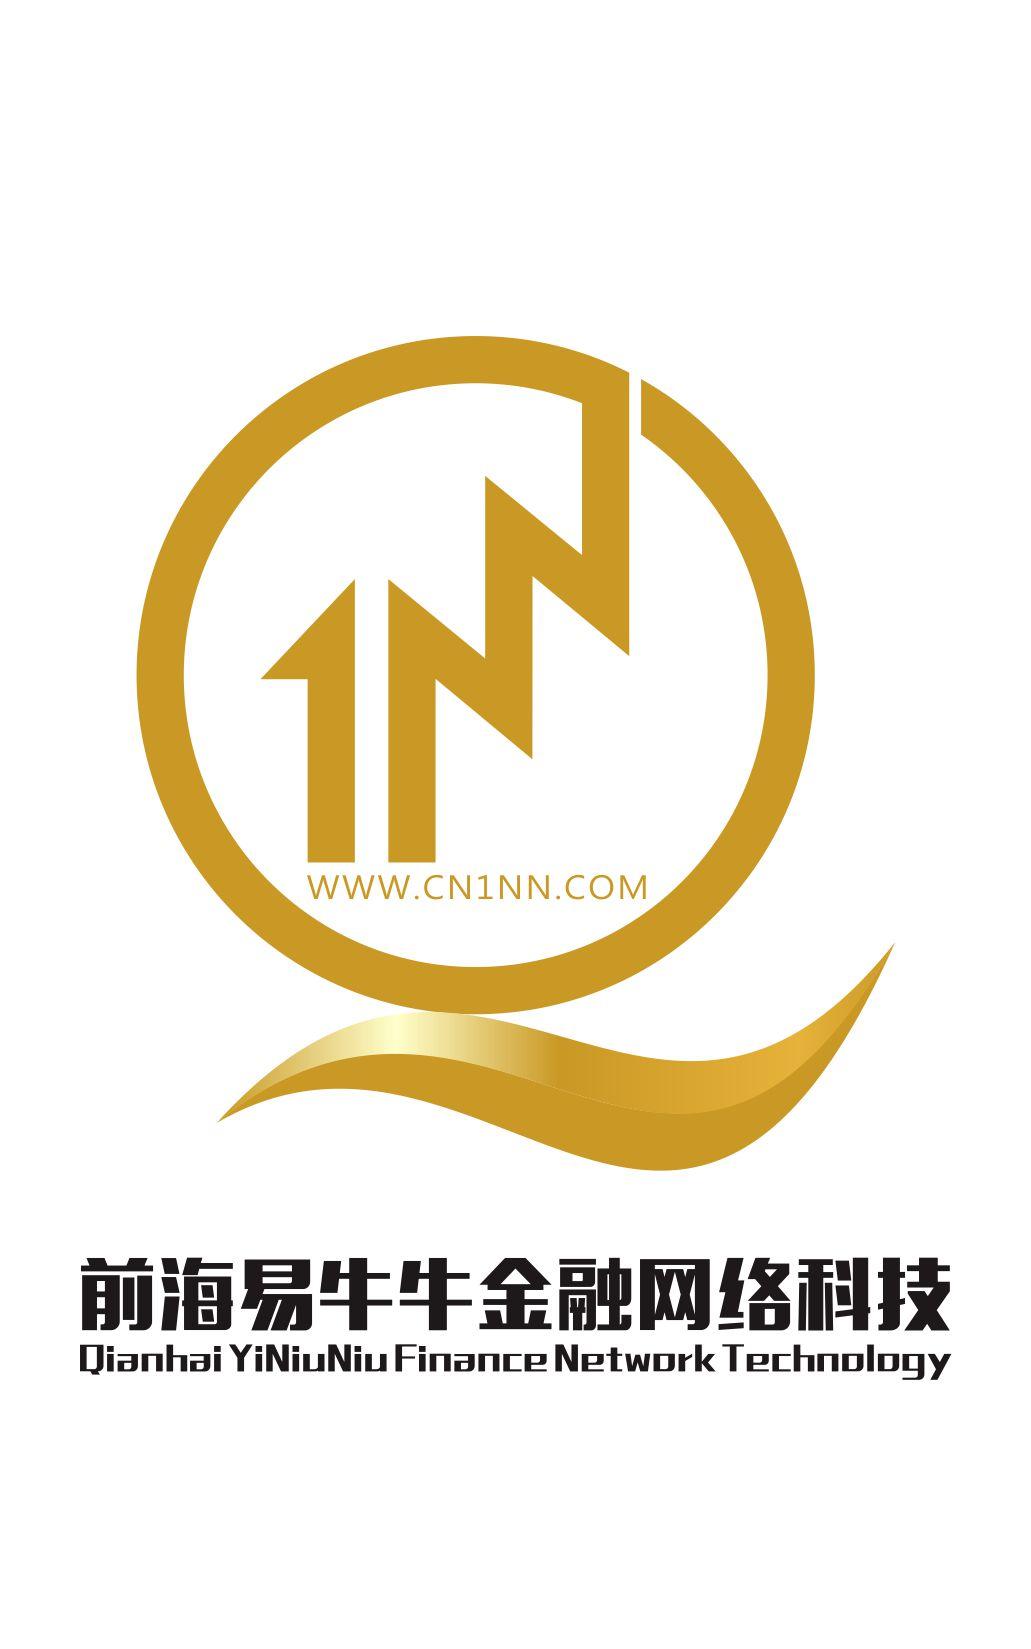 前海易牛牛logo-2.jpg(97.96k)